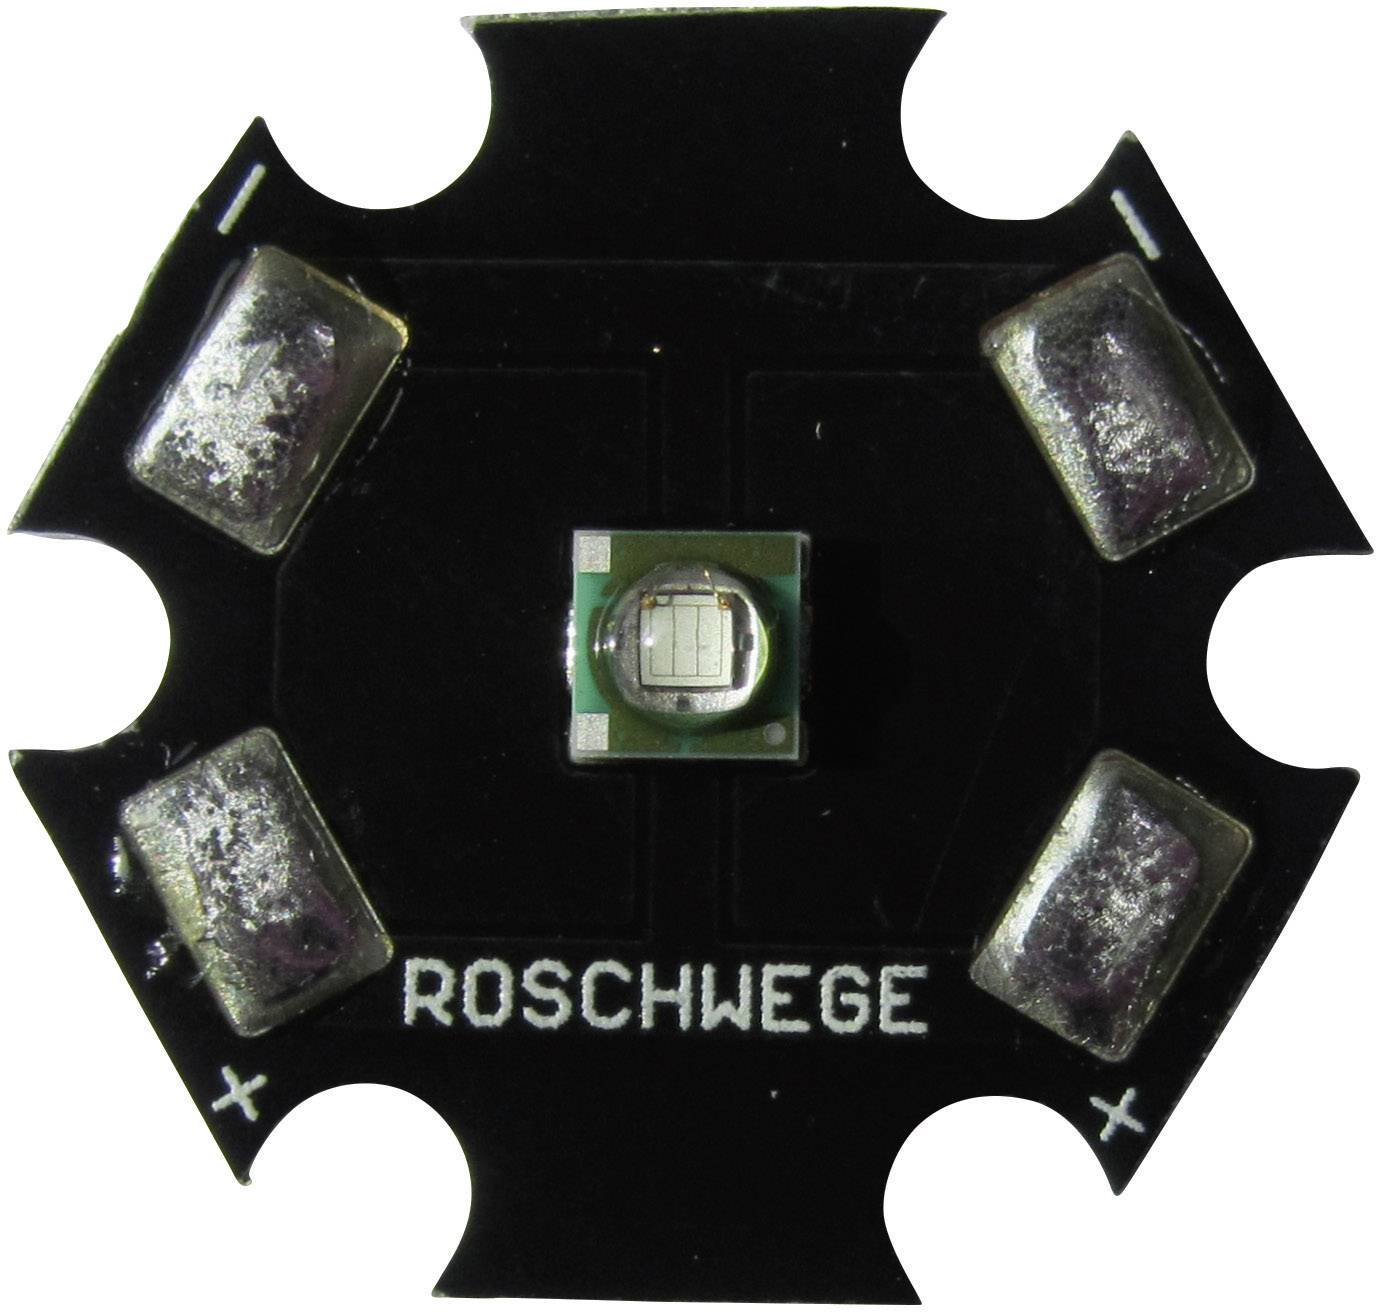 HighPower LED Roschwege 3 W, 30.6 lm, 3.2 V, 350 mA, kráľovská modrá